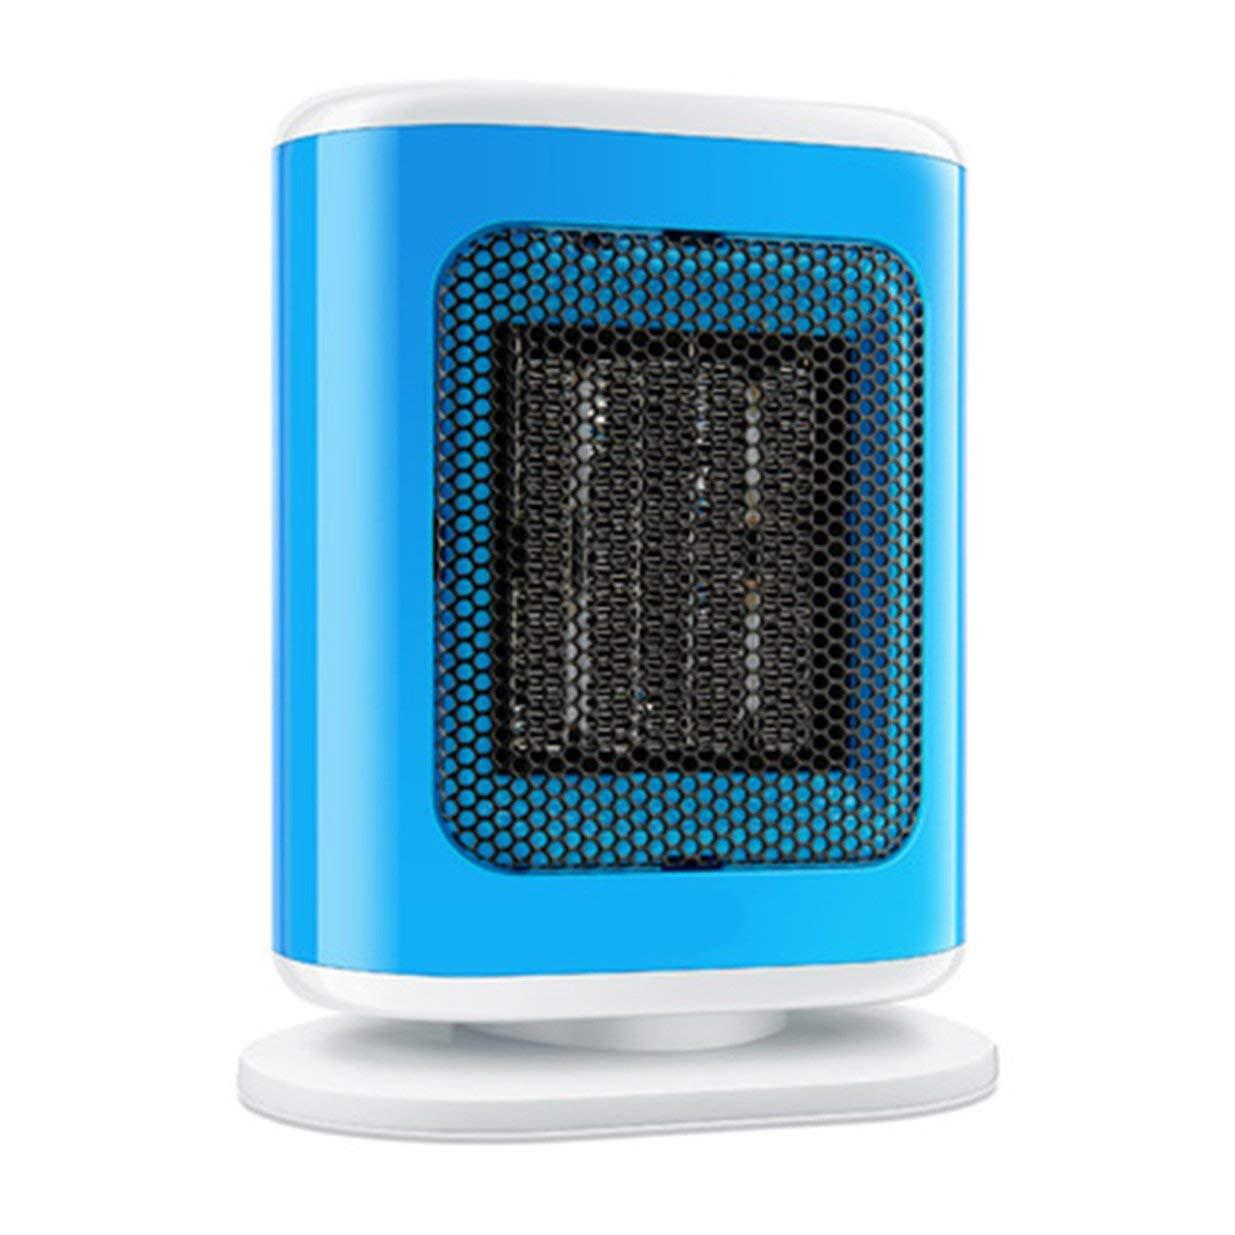 Banbie8409 Radiador de la Estufa del Calentador de Ventilador Vertical del Cuarto de baño eléctrico portátil del hogar: Amazon.es: Juguetes y juegos